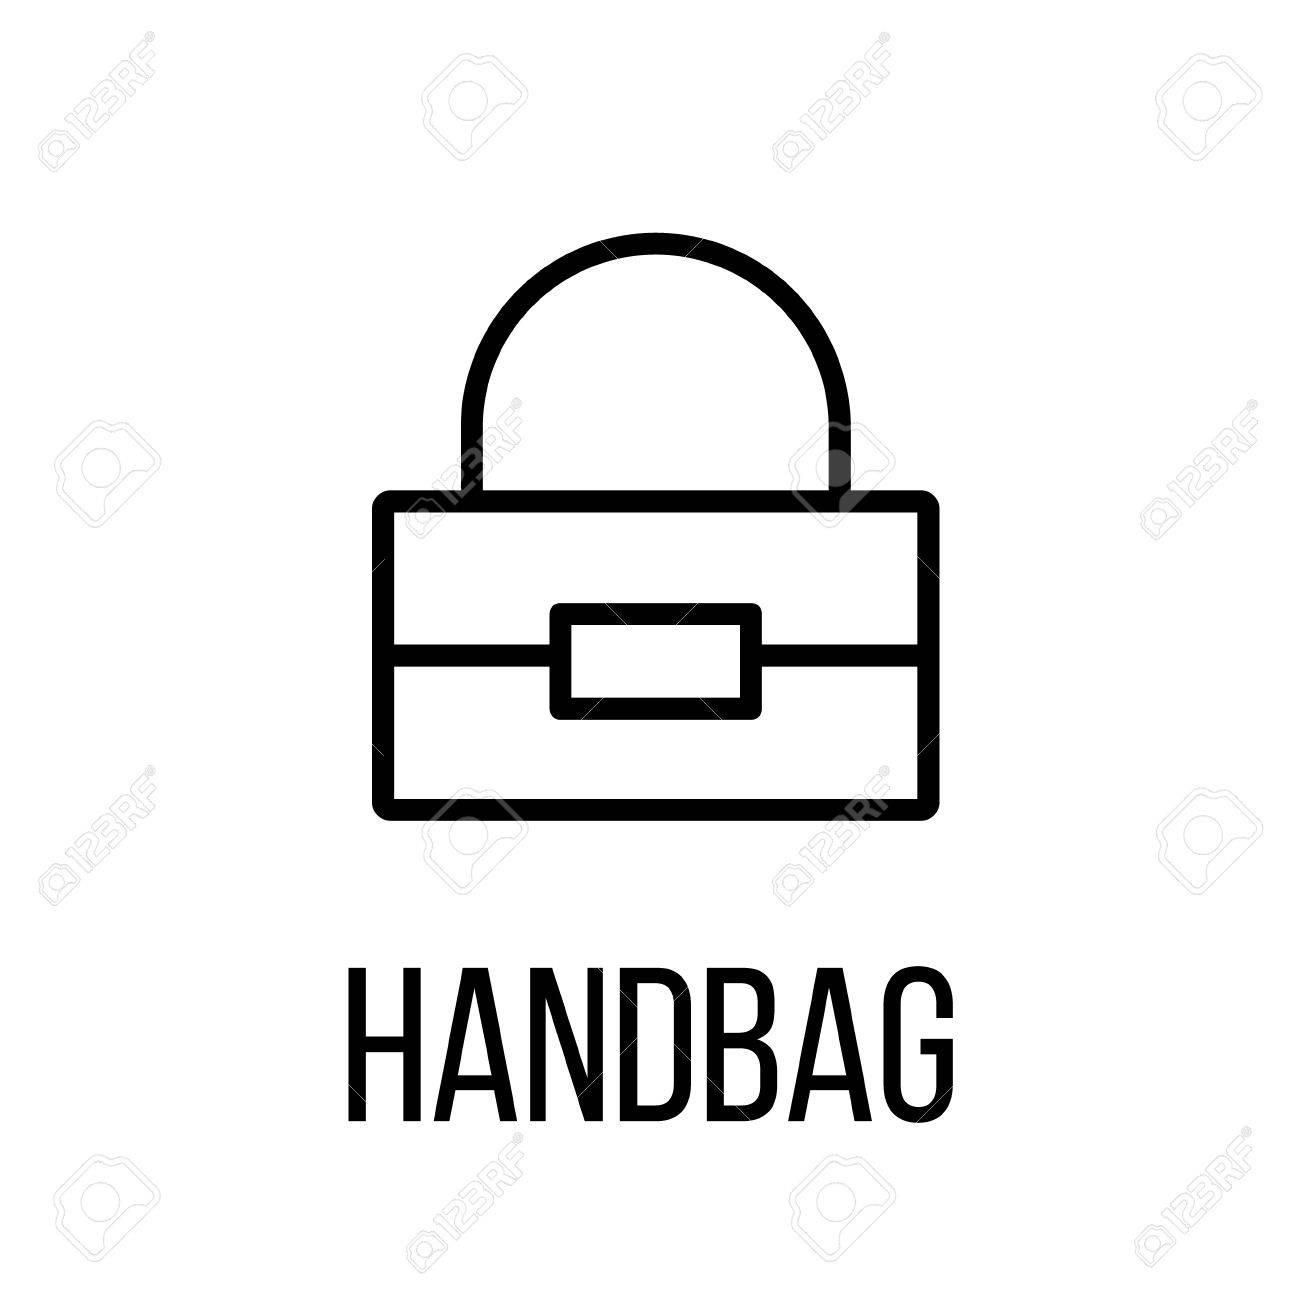 Icône de sac à main ou un logo dans le style de ligne moderne. Pictogramme de contour noir de haute qualité pour la conception de sites Web et les